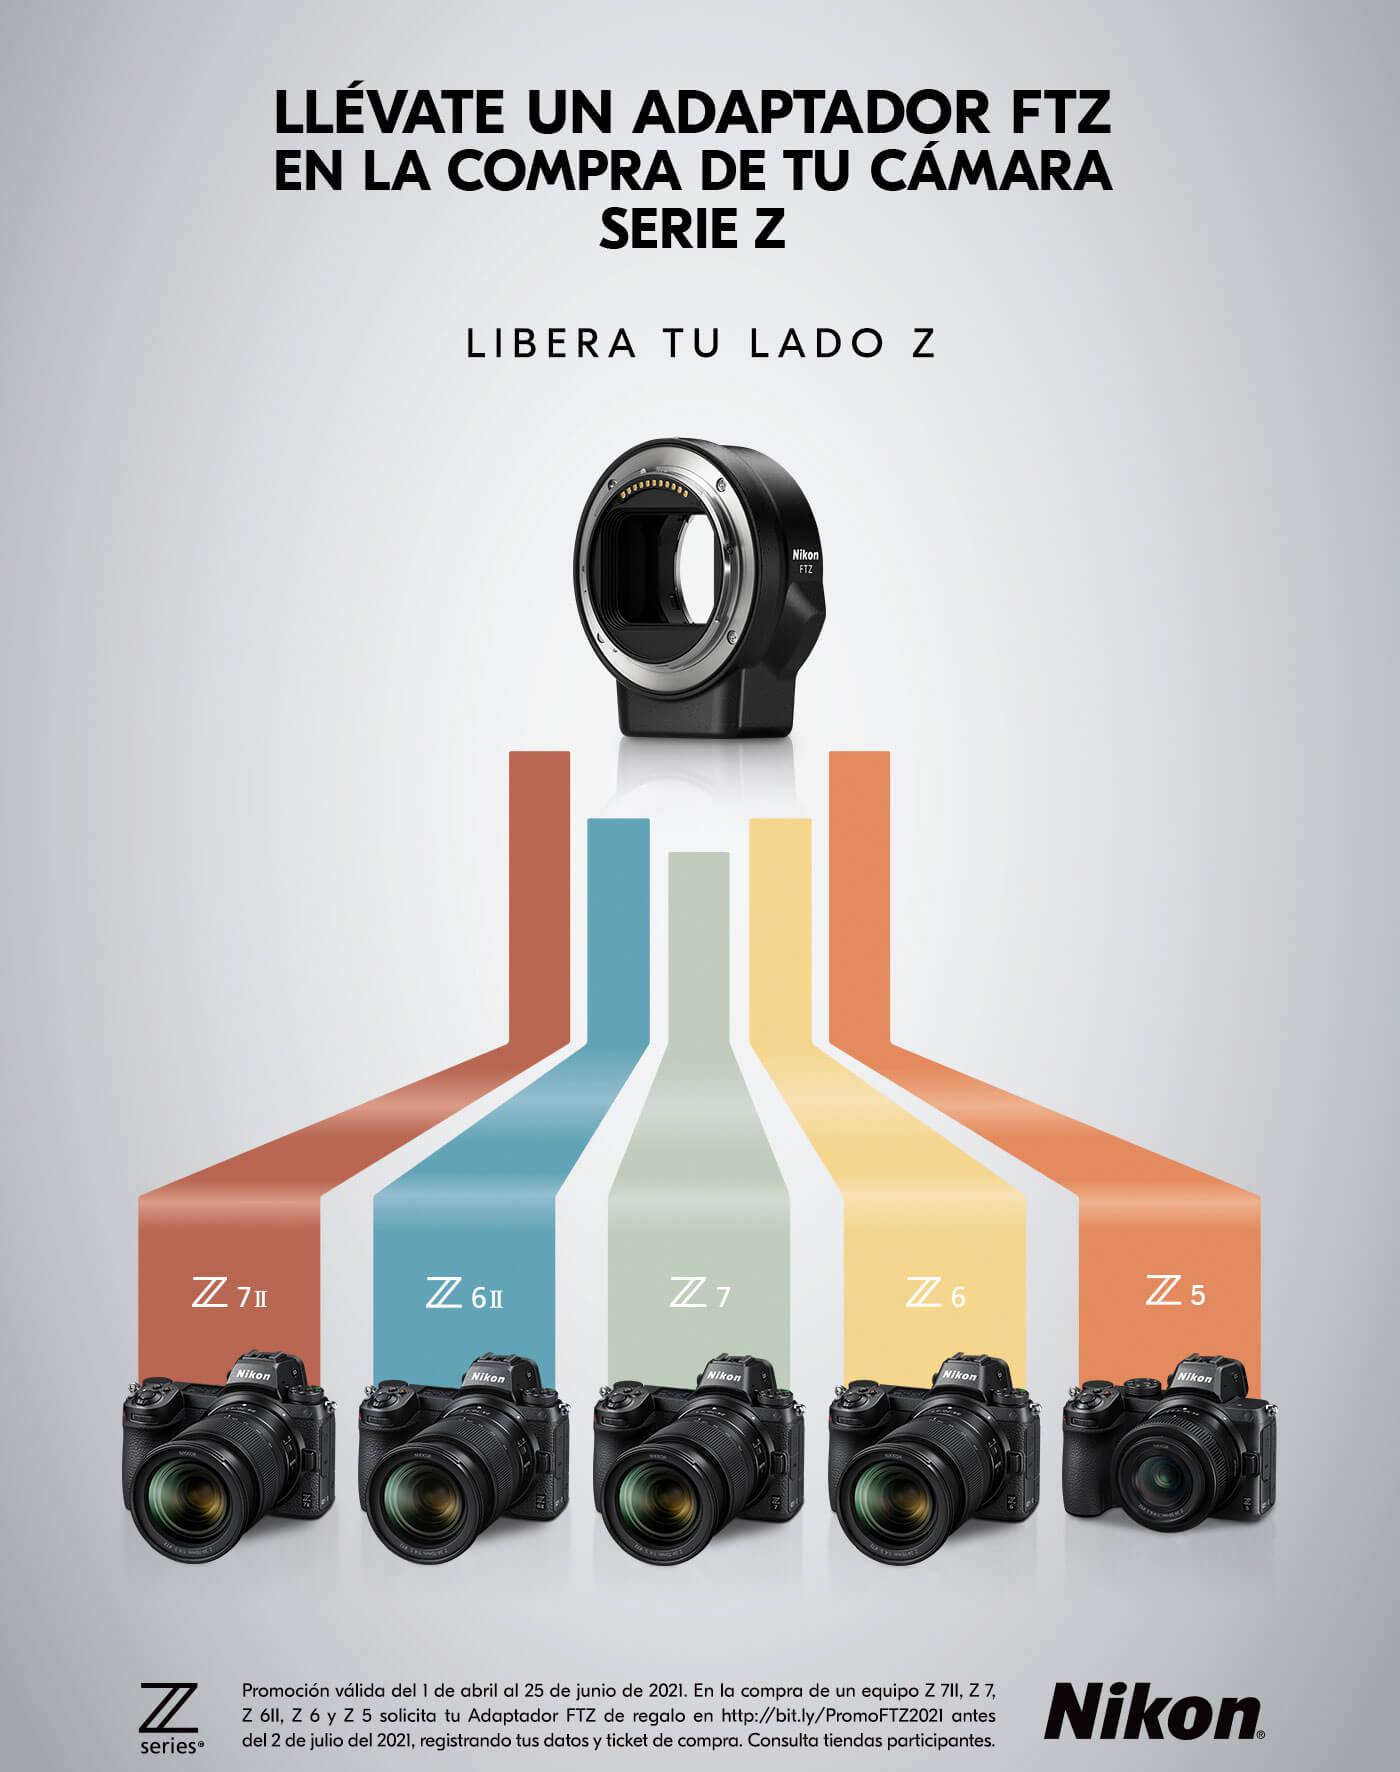 Nikon: Adaptador FTZ Gratis, al comprar una Camara Nikon Z